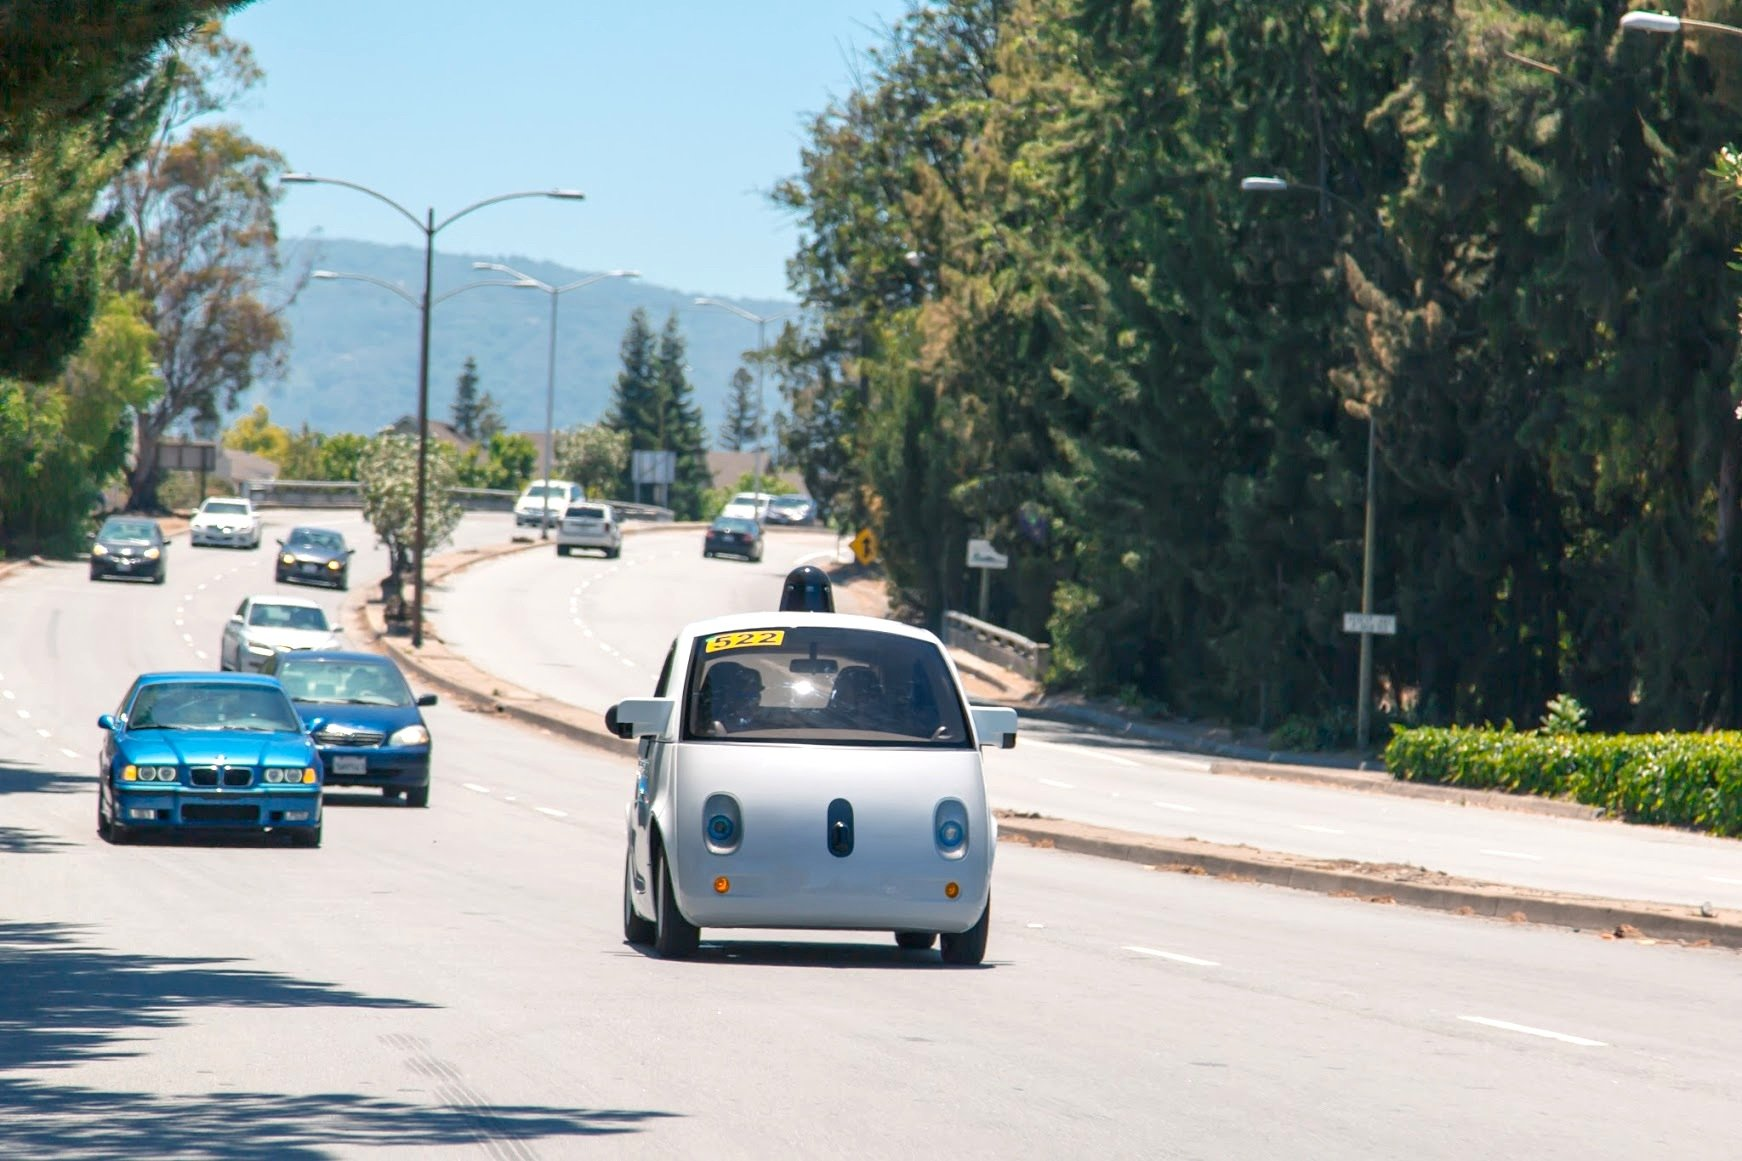 Derzeit unterhält Google eine Testflotte von 23 autonom fahrenden Lexus-SUVs und 25 selbst entwickelte Prototypen. Diese haben mittlerweile fast 1,8 Mio. km auf öffentlichen Straßen zurückgelegt.